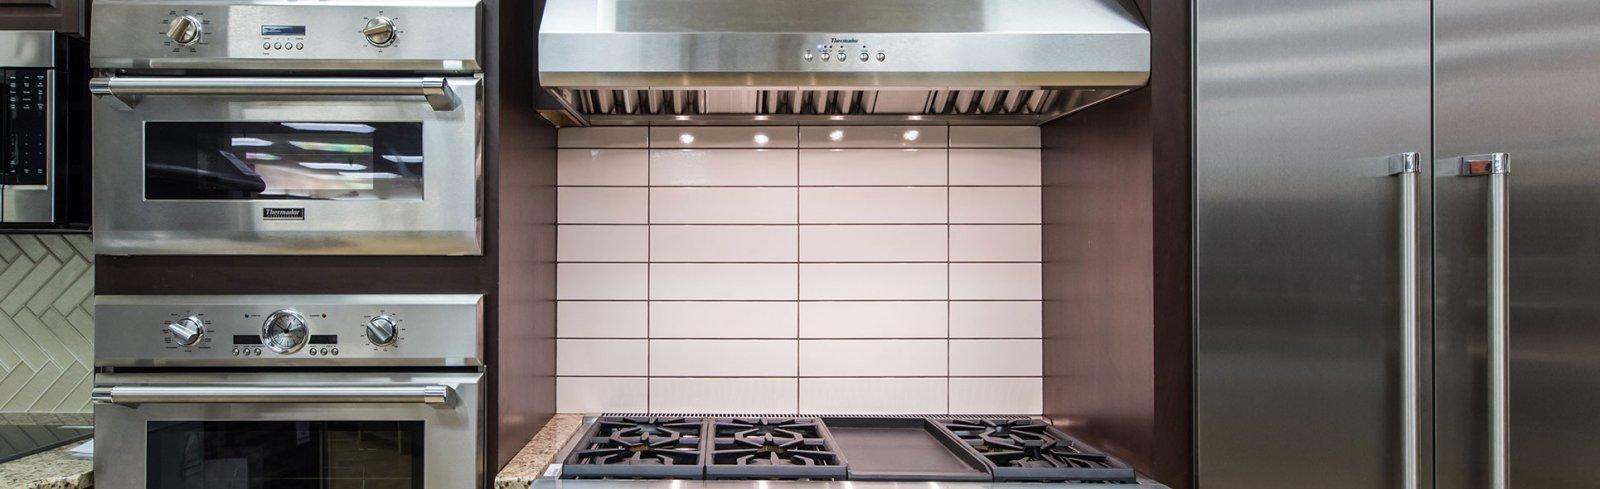 Kitchen Appliance Stores Rockville Md